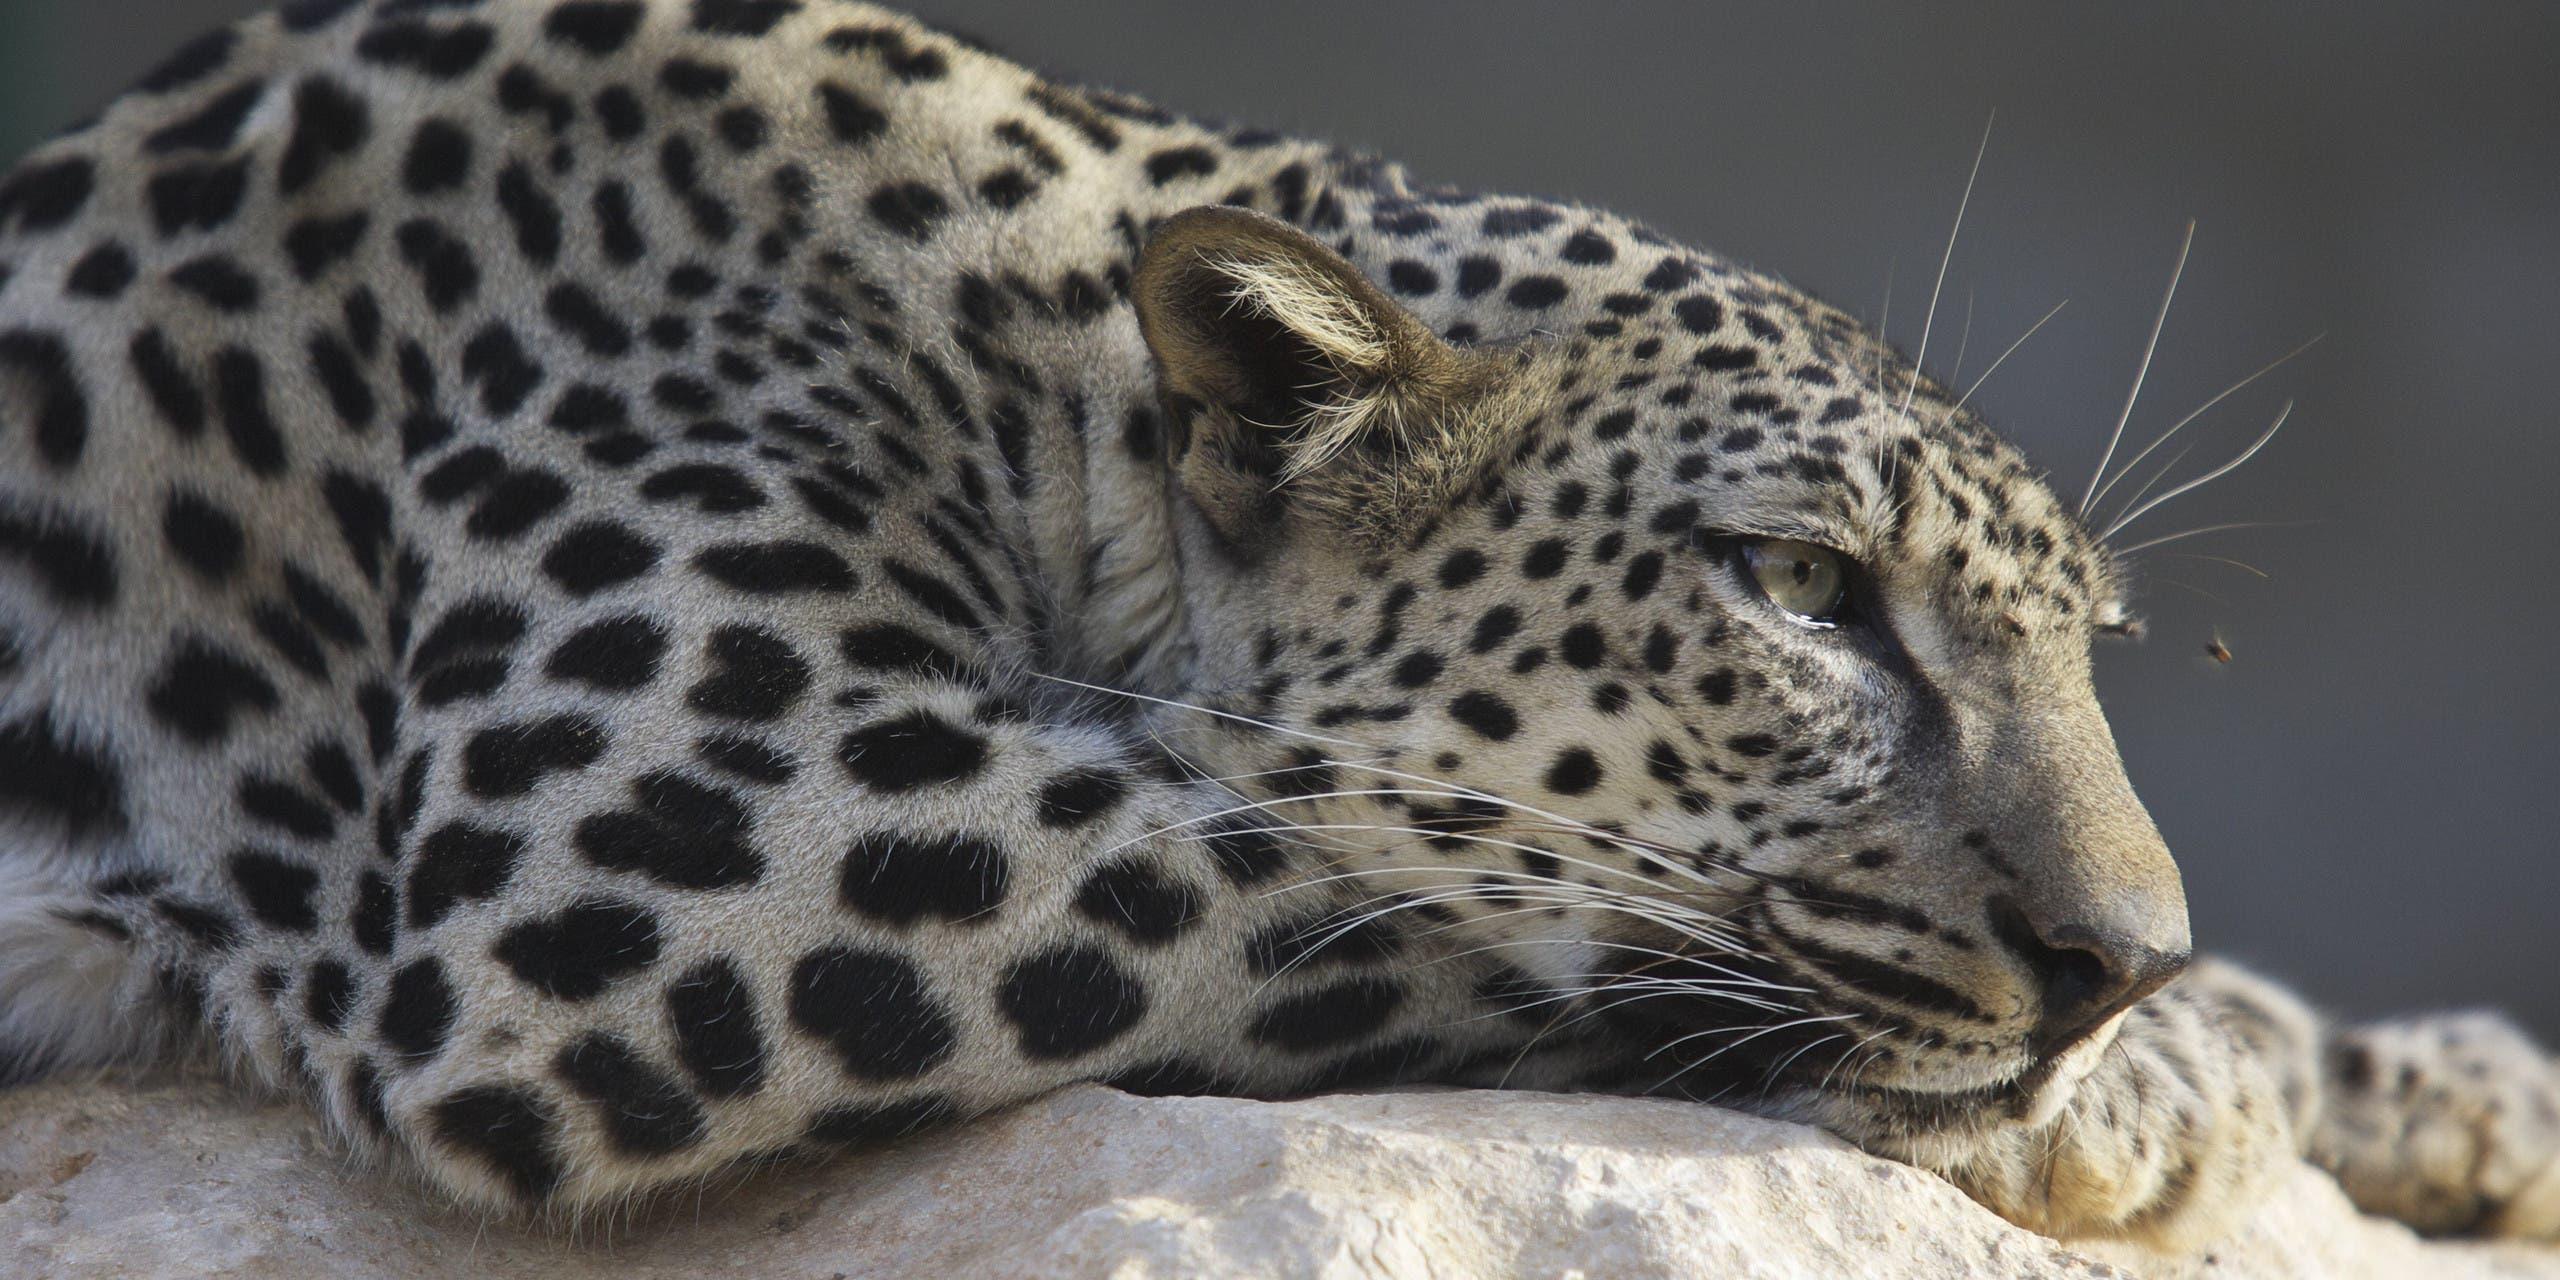 Arabian leopard (Shutterstock)